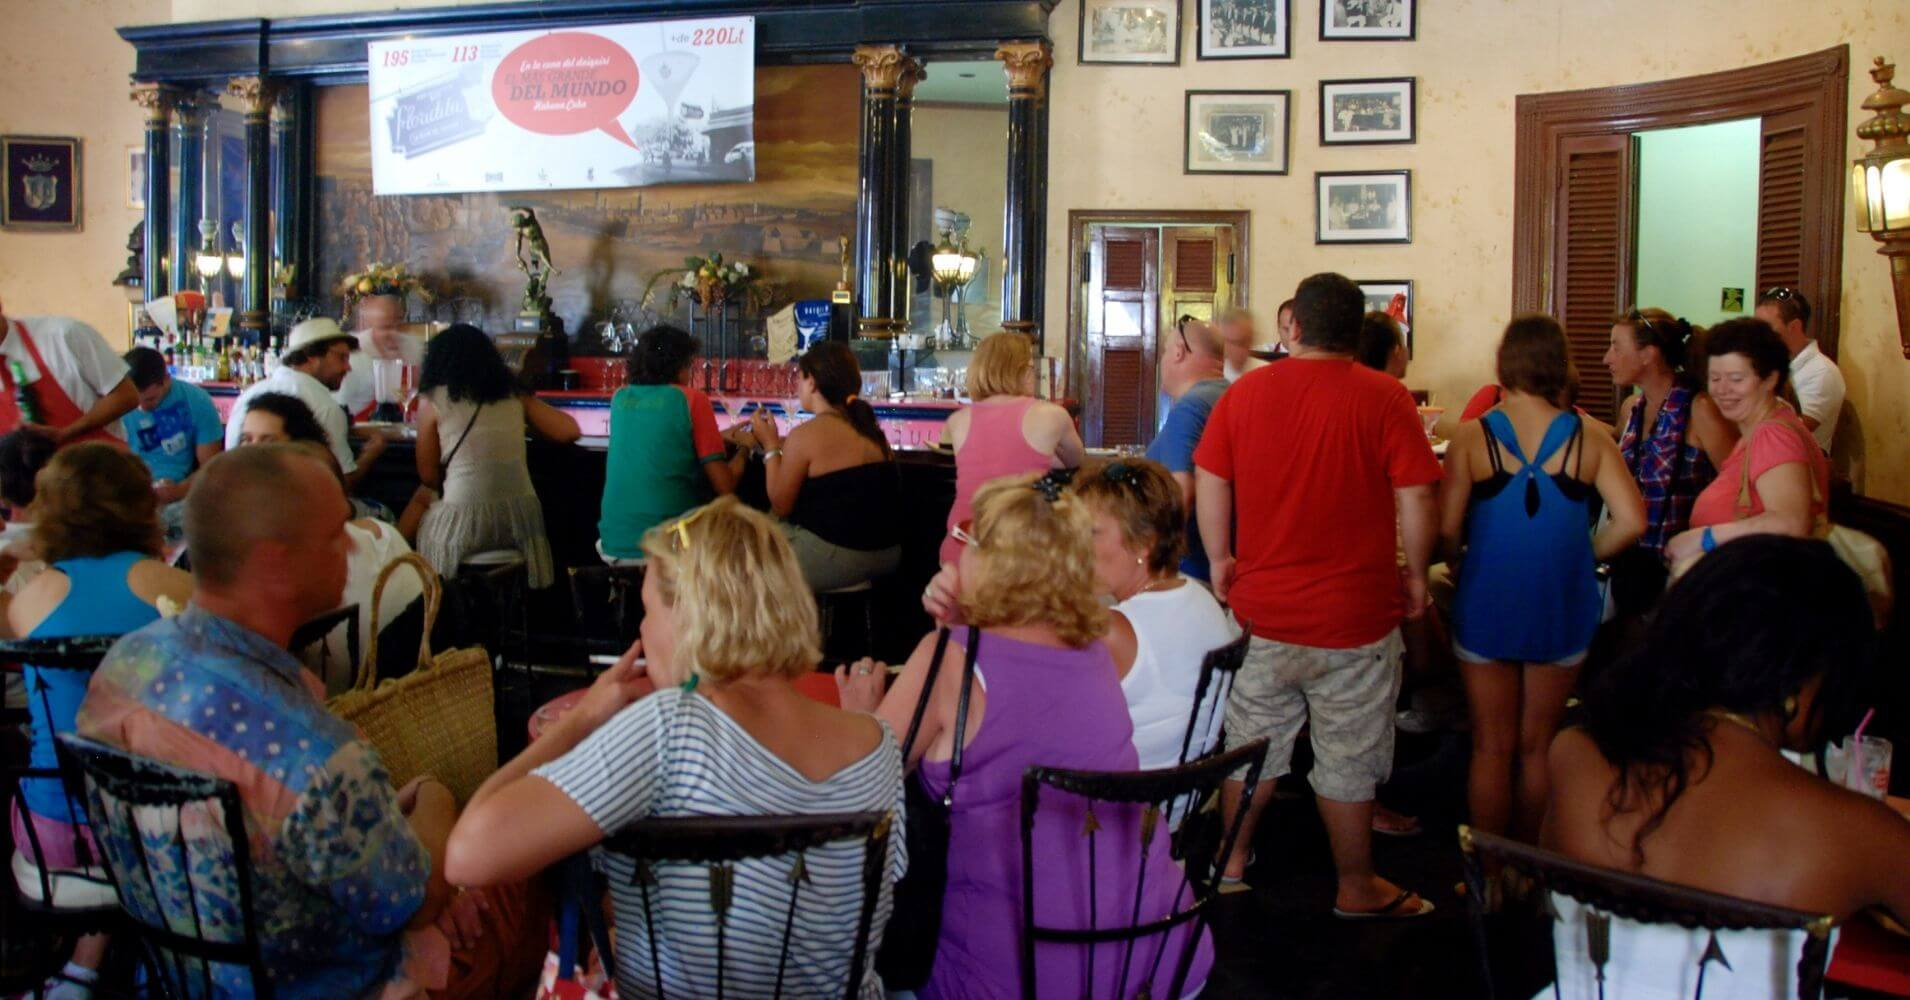 Bar Restaurante Coctelería. La Habana, Cuba.